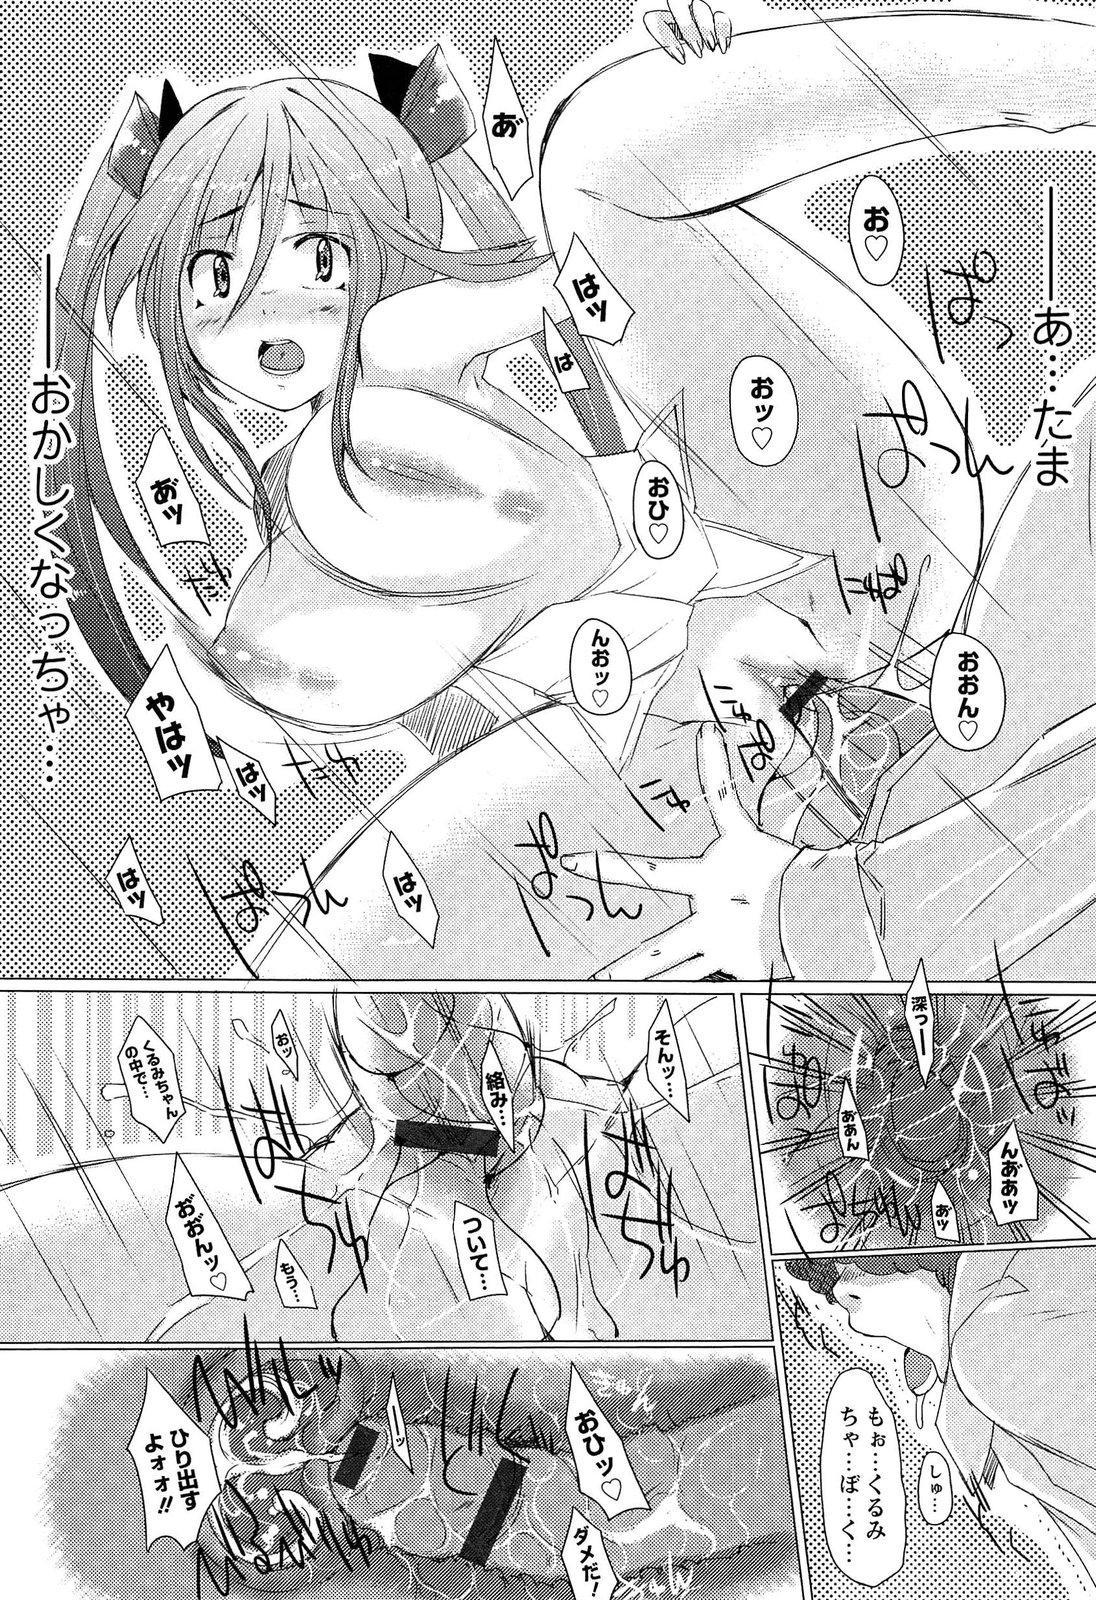 Torokeru Ochipo Milk 151